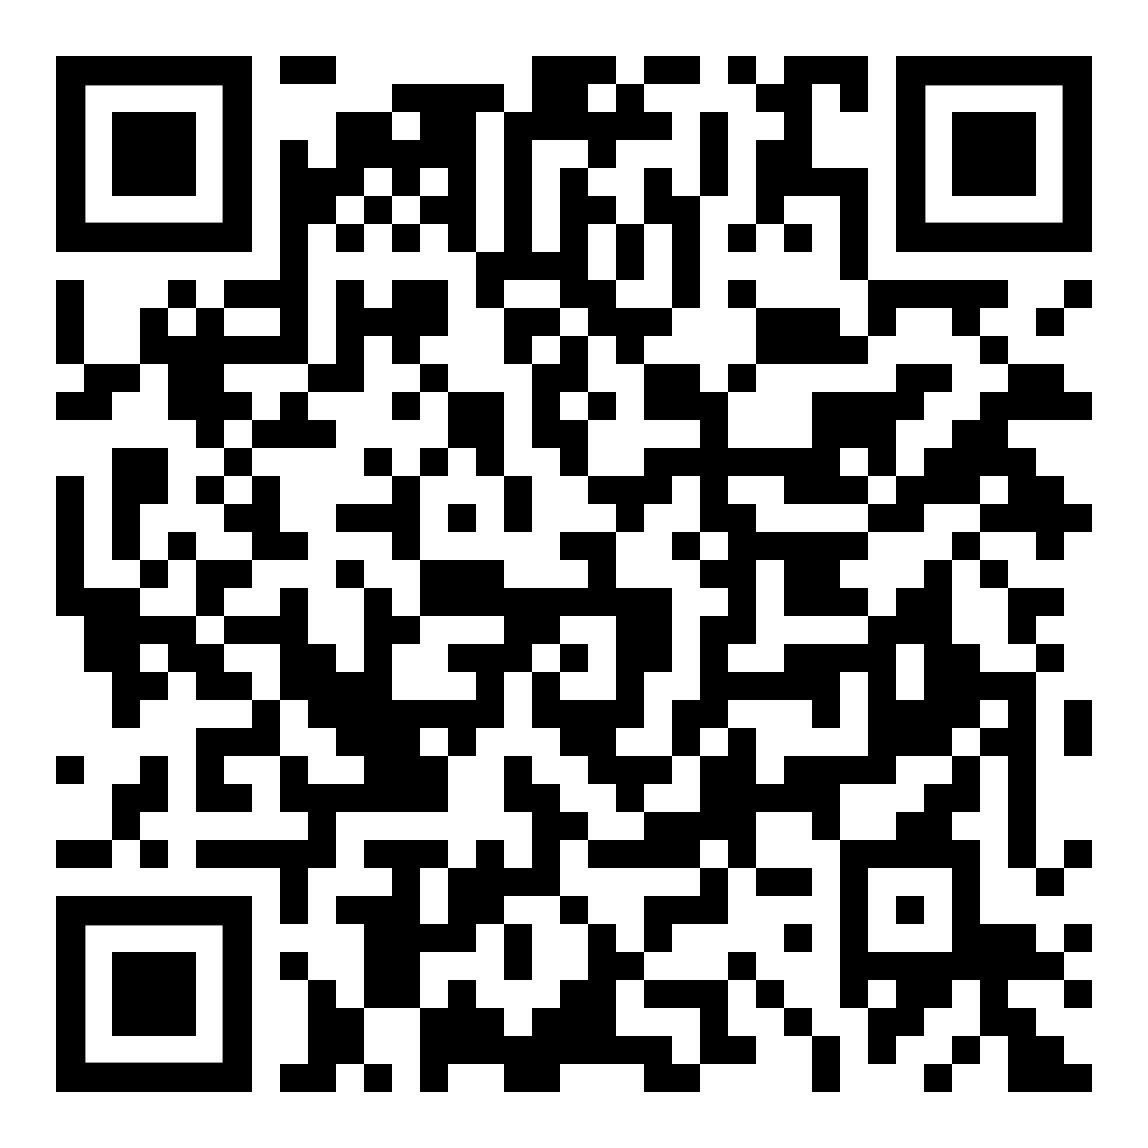 St Bridget's Fundraising QR Code